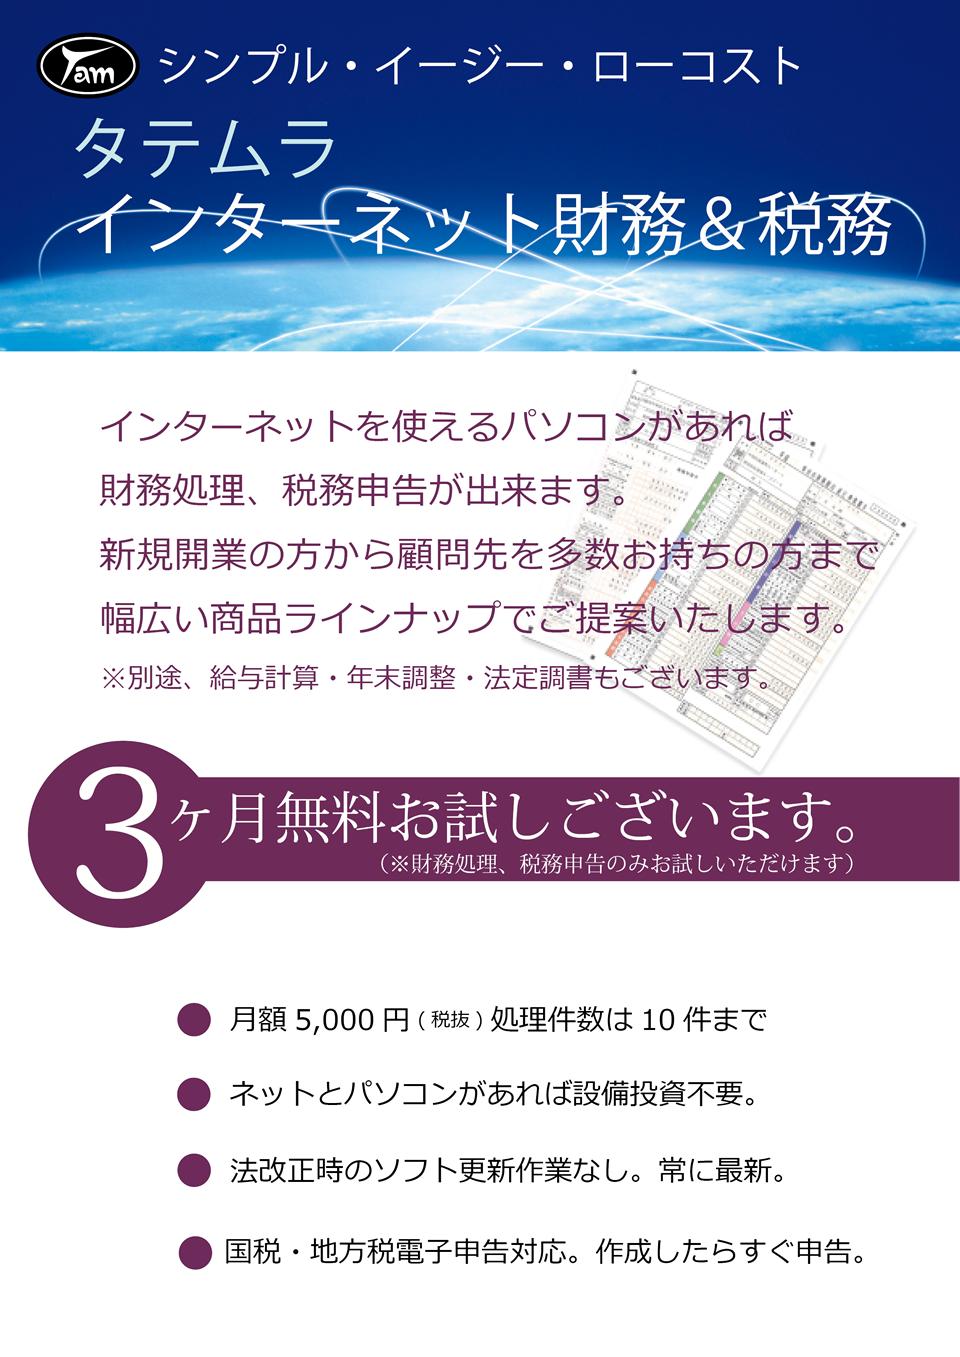 桜友会会員様向けシステム